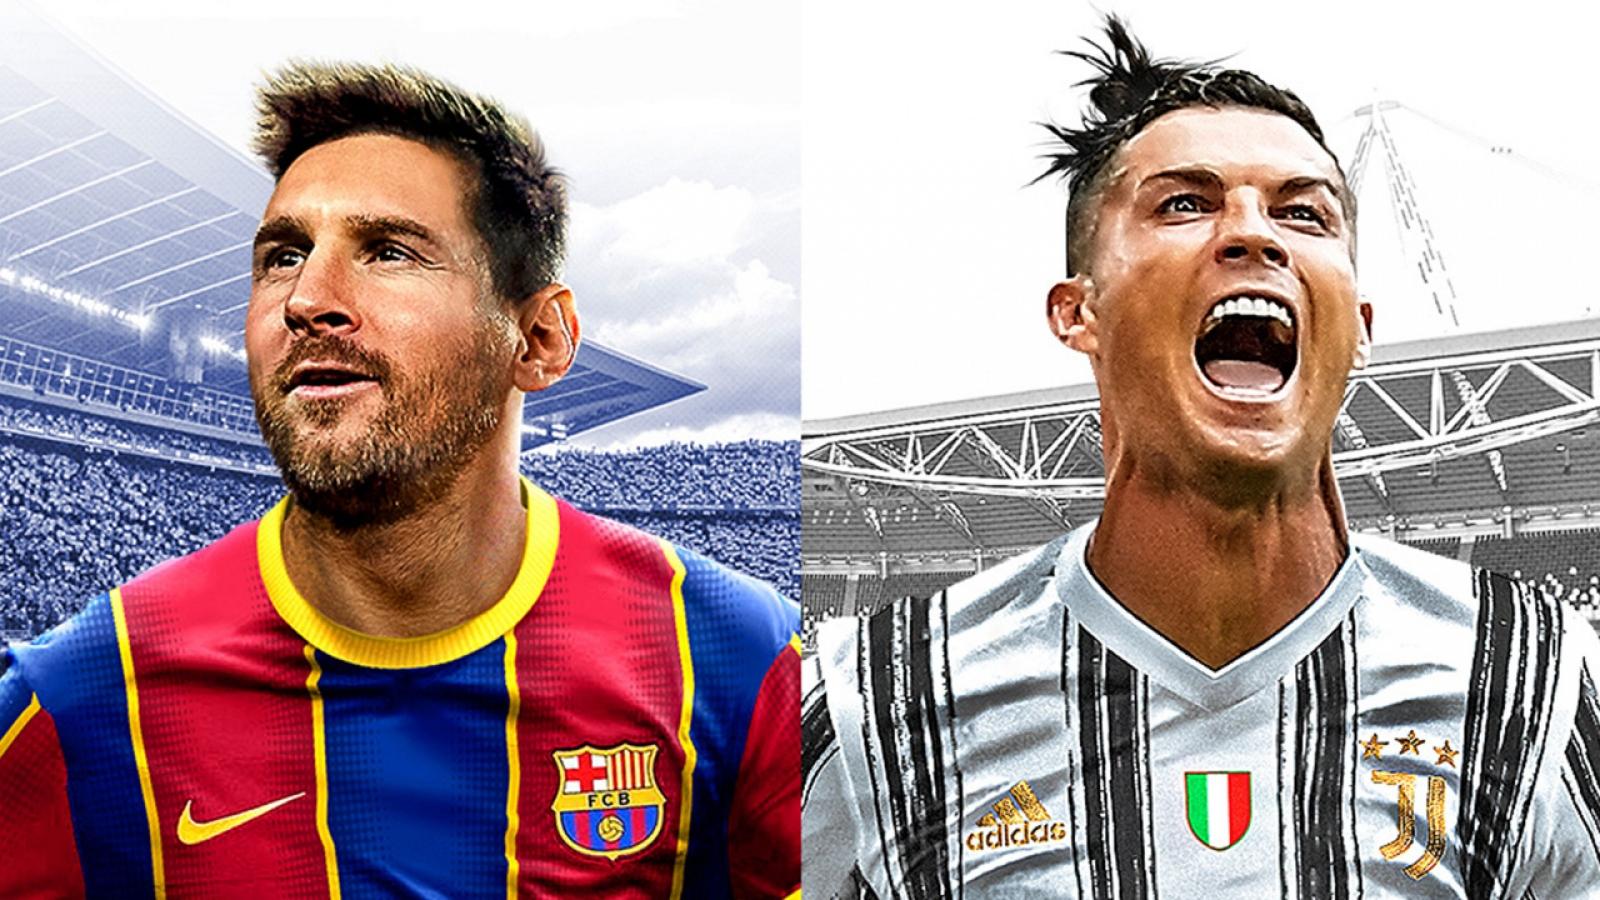 """VIDEO: Trận đấu nảy lửa giữa """"Đội hình 11 Messi"""" và """"Đội hình 11 Ronaldo"""" trong PES 2021"""